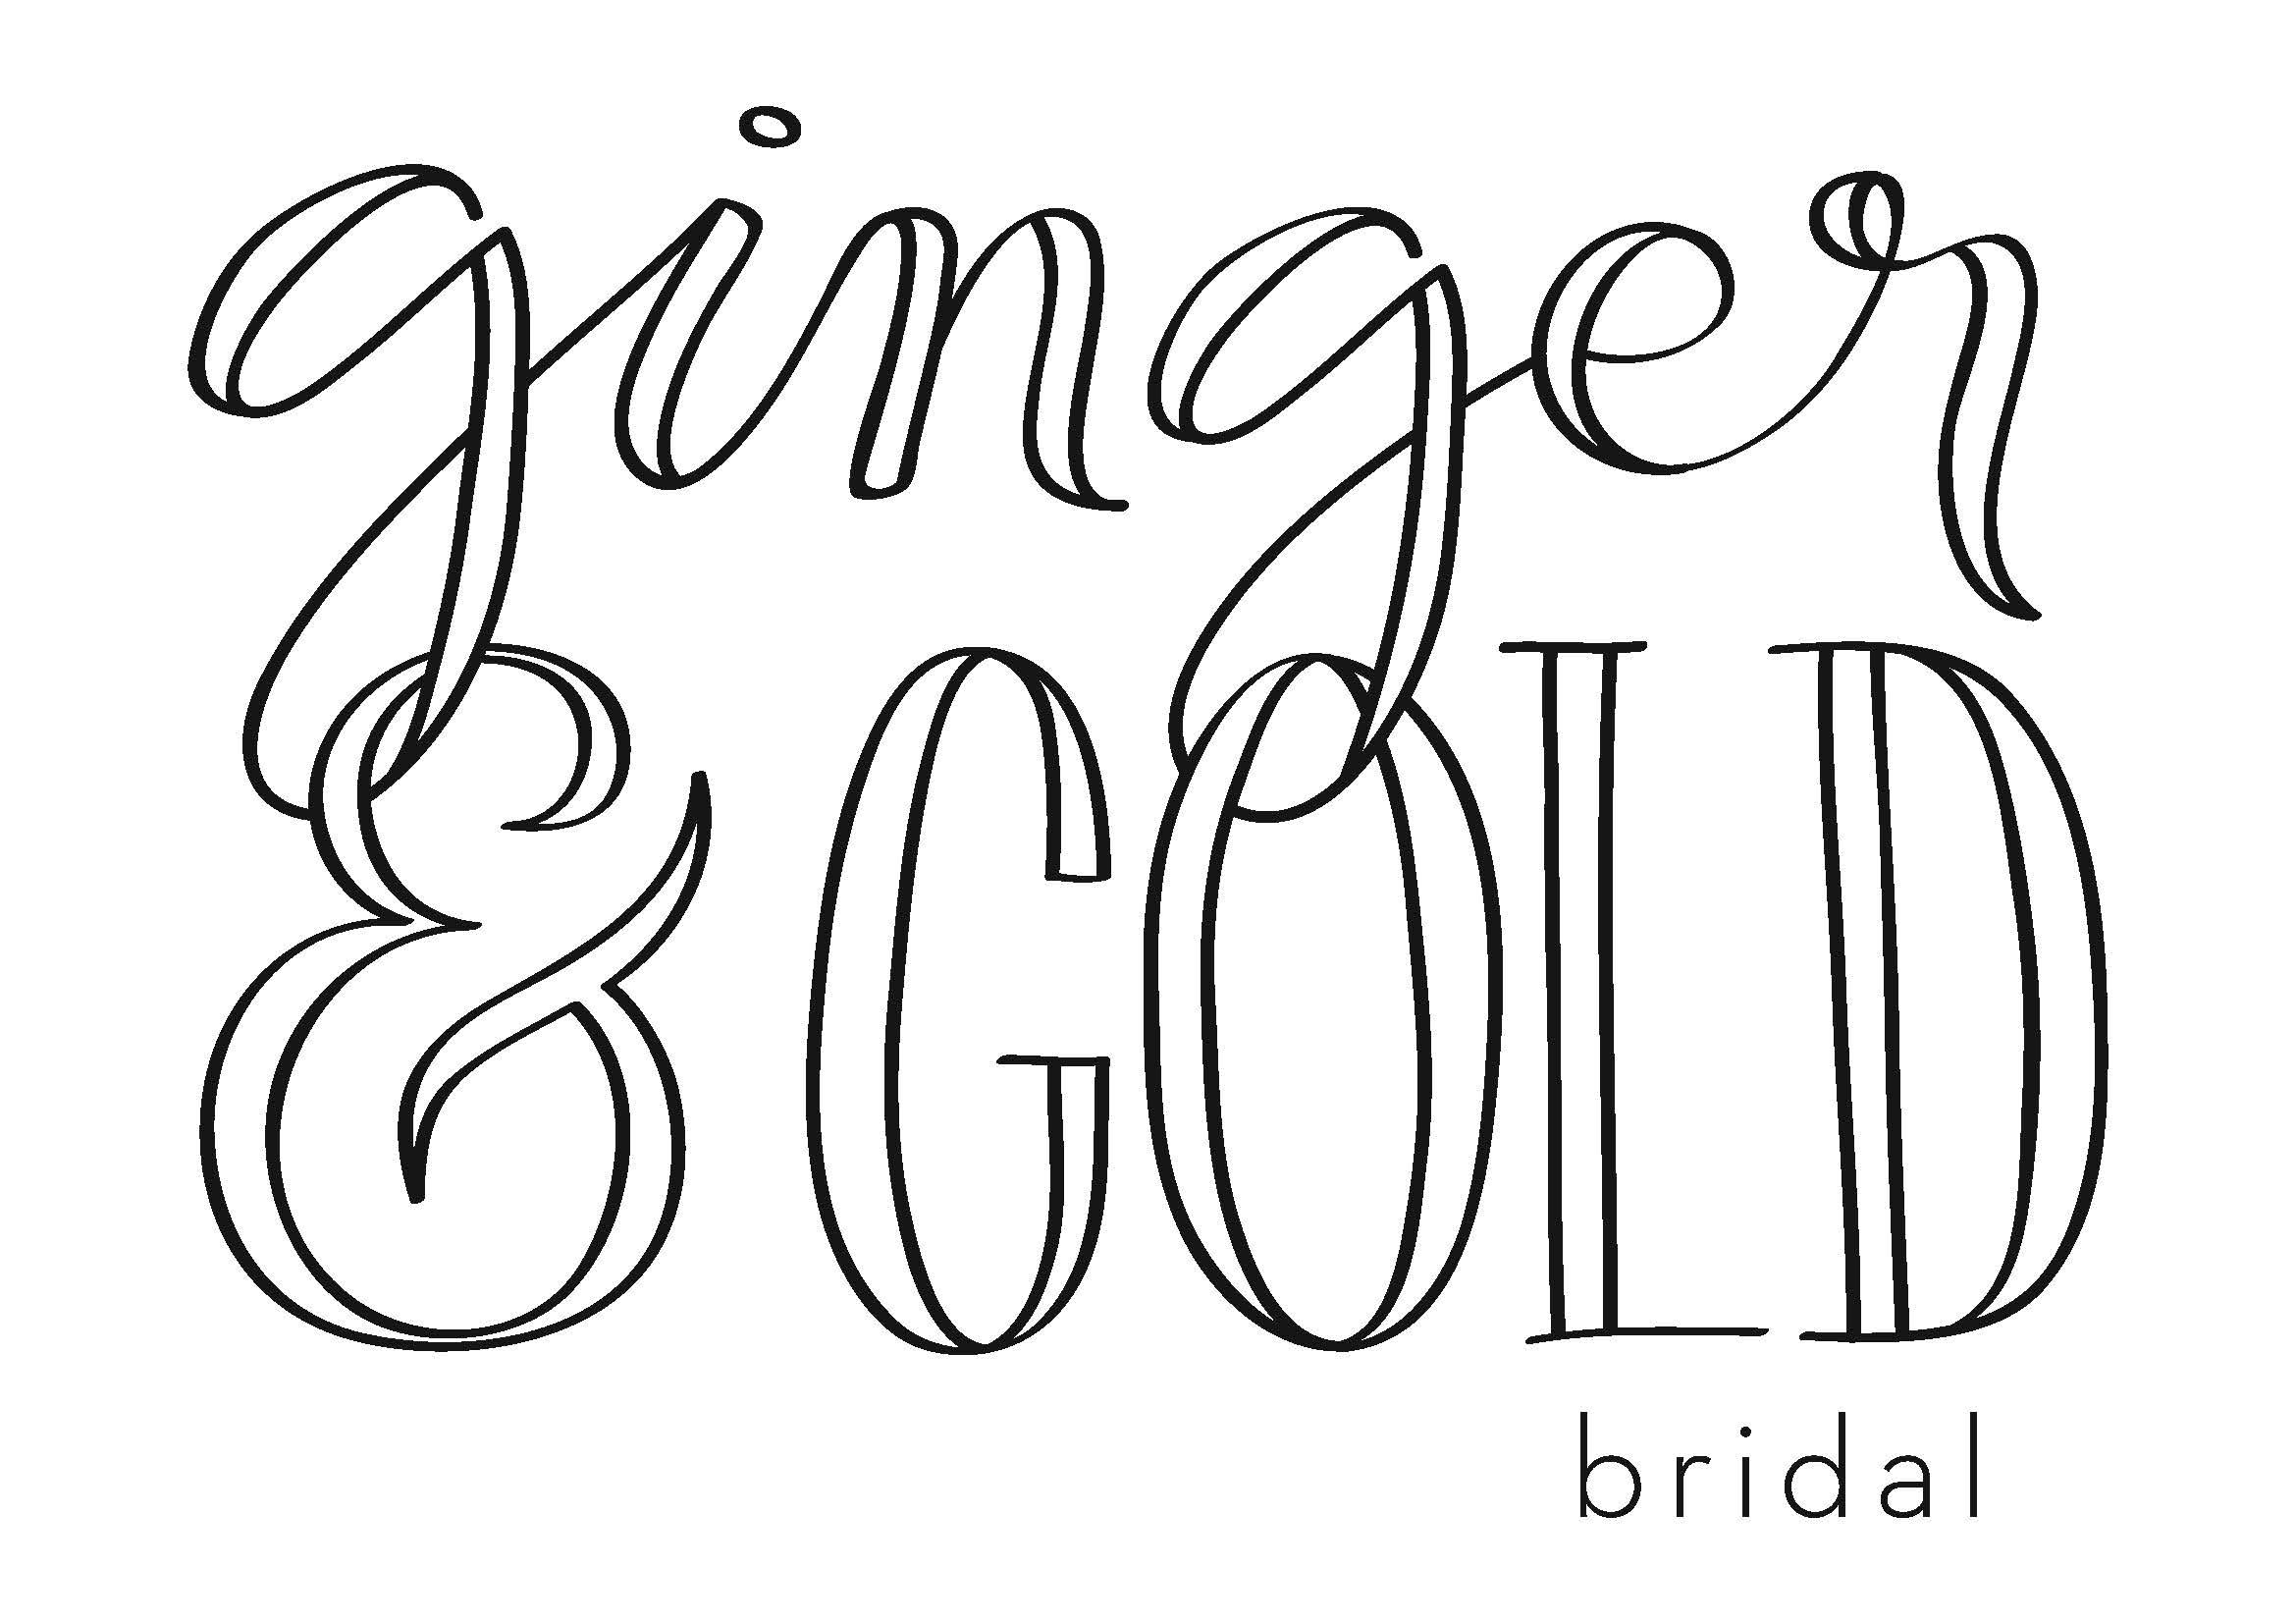 Ginger-and-gold-logo.jpg